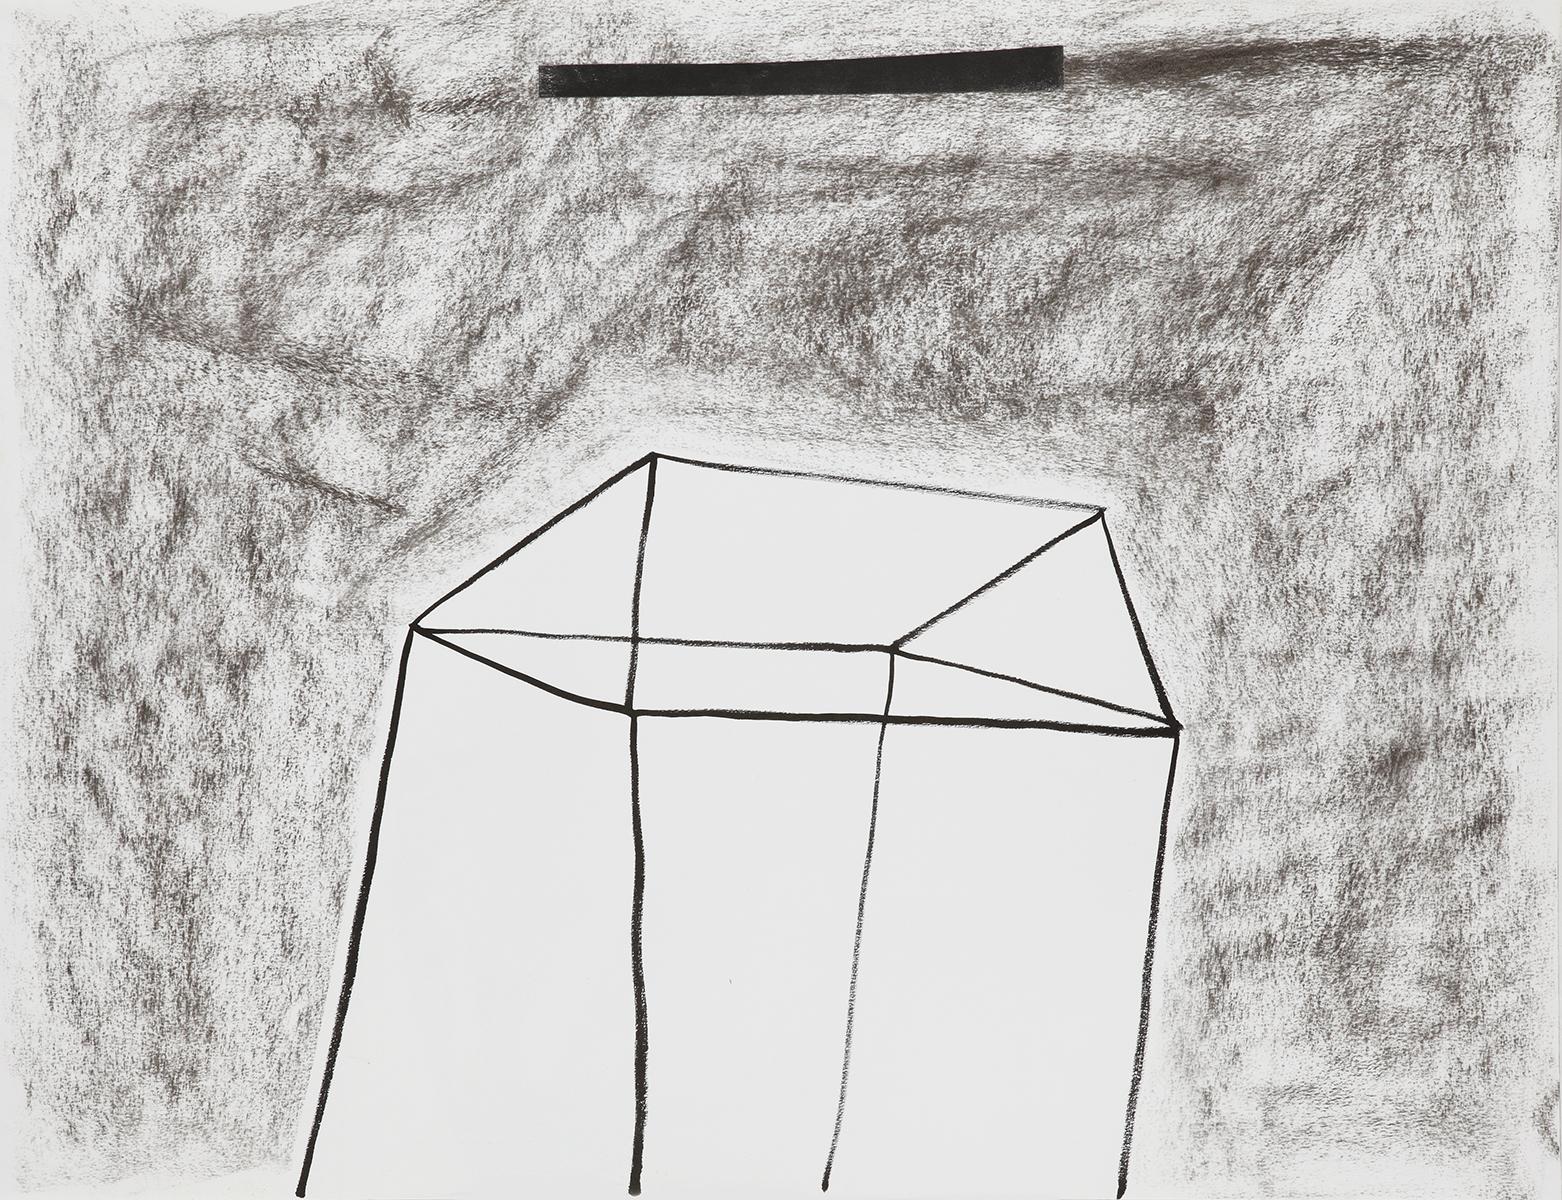 Huis 3 - Oost-Indische inkt & houtskool - 50 x 70 cm